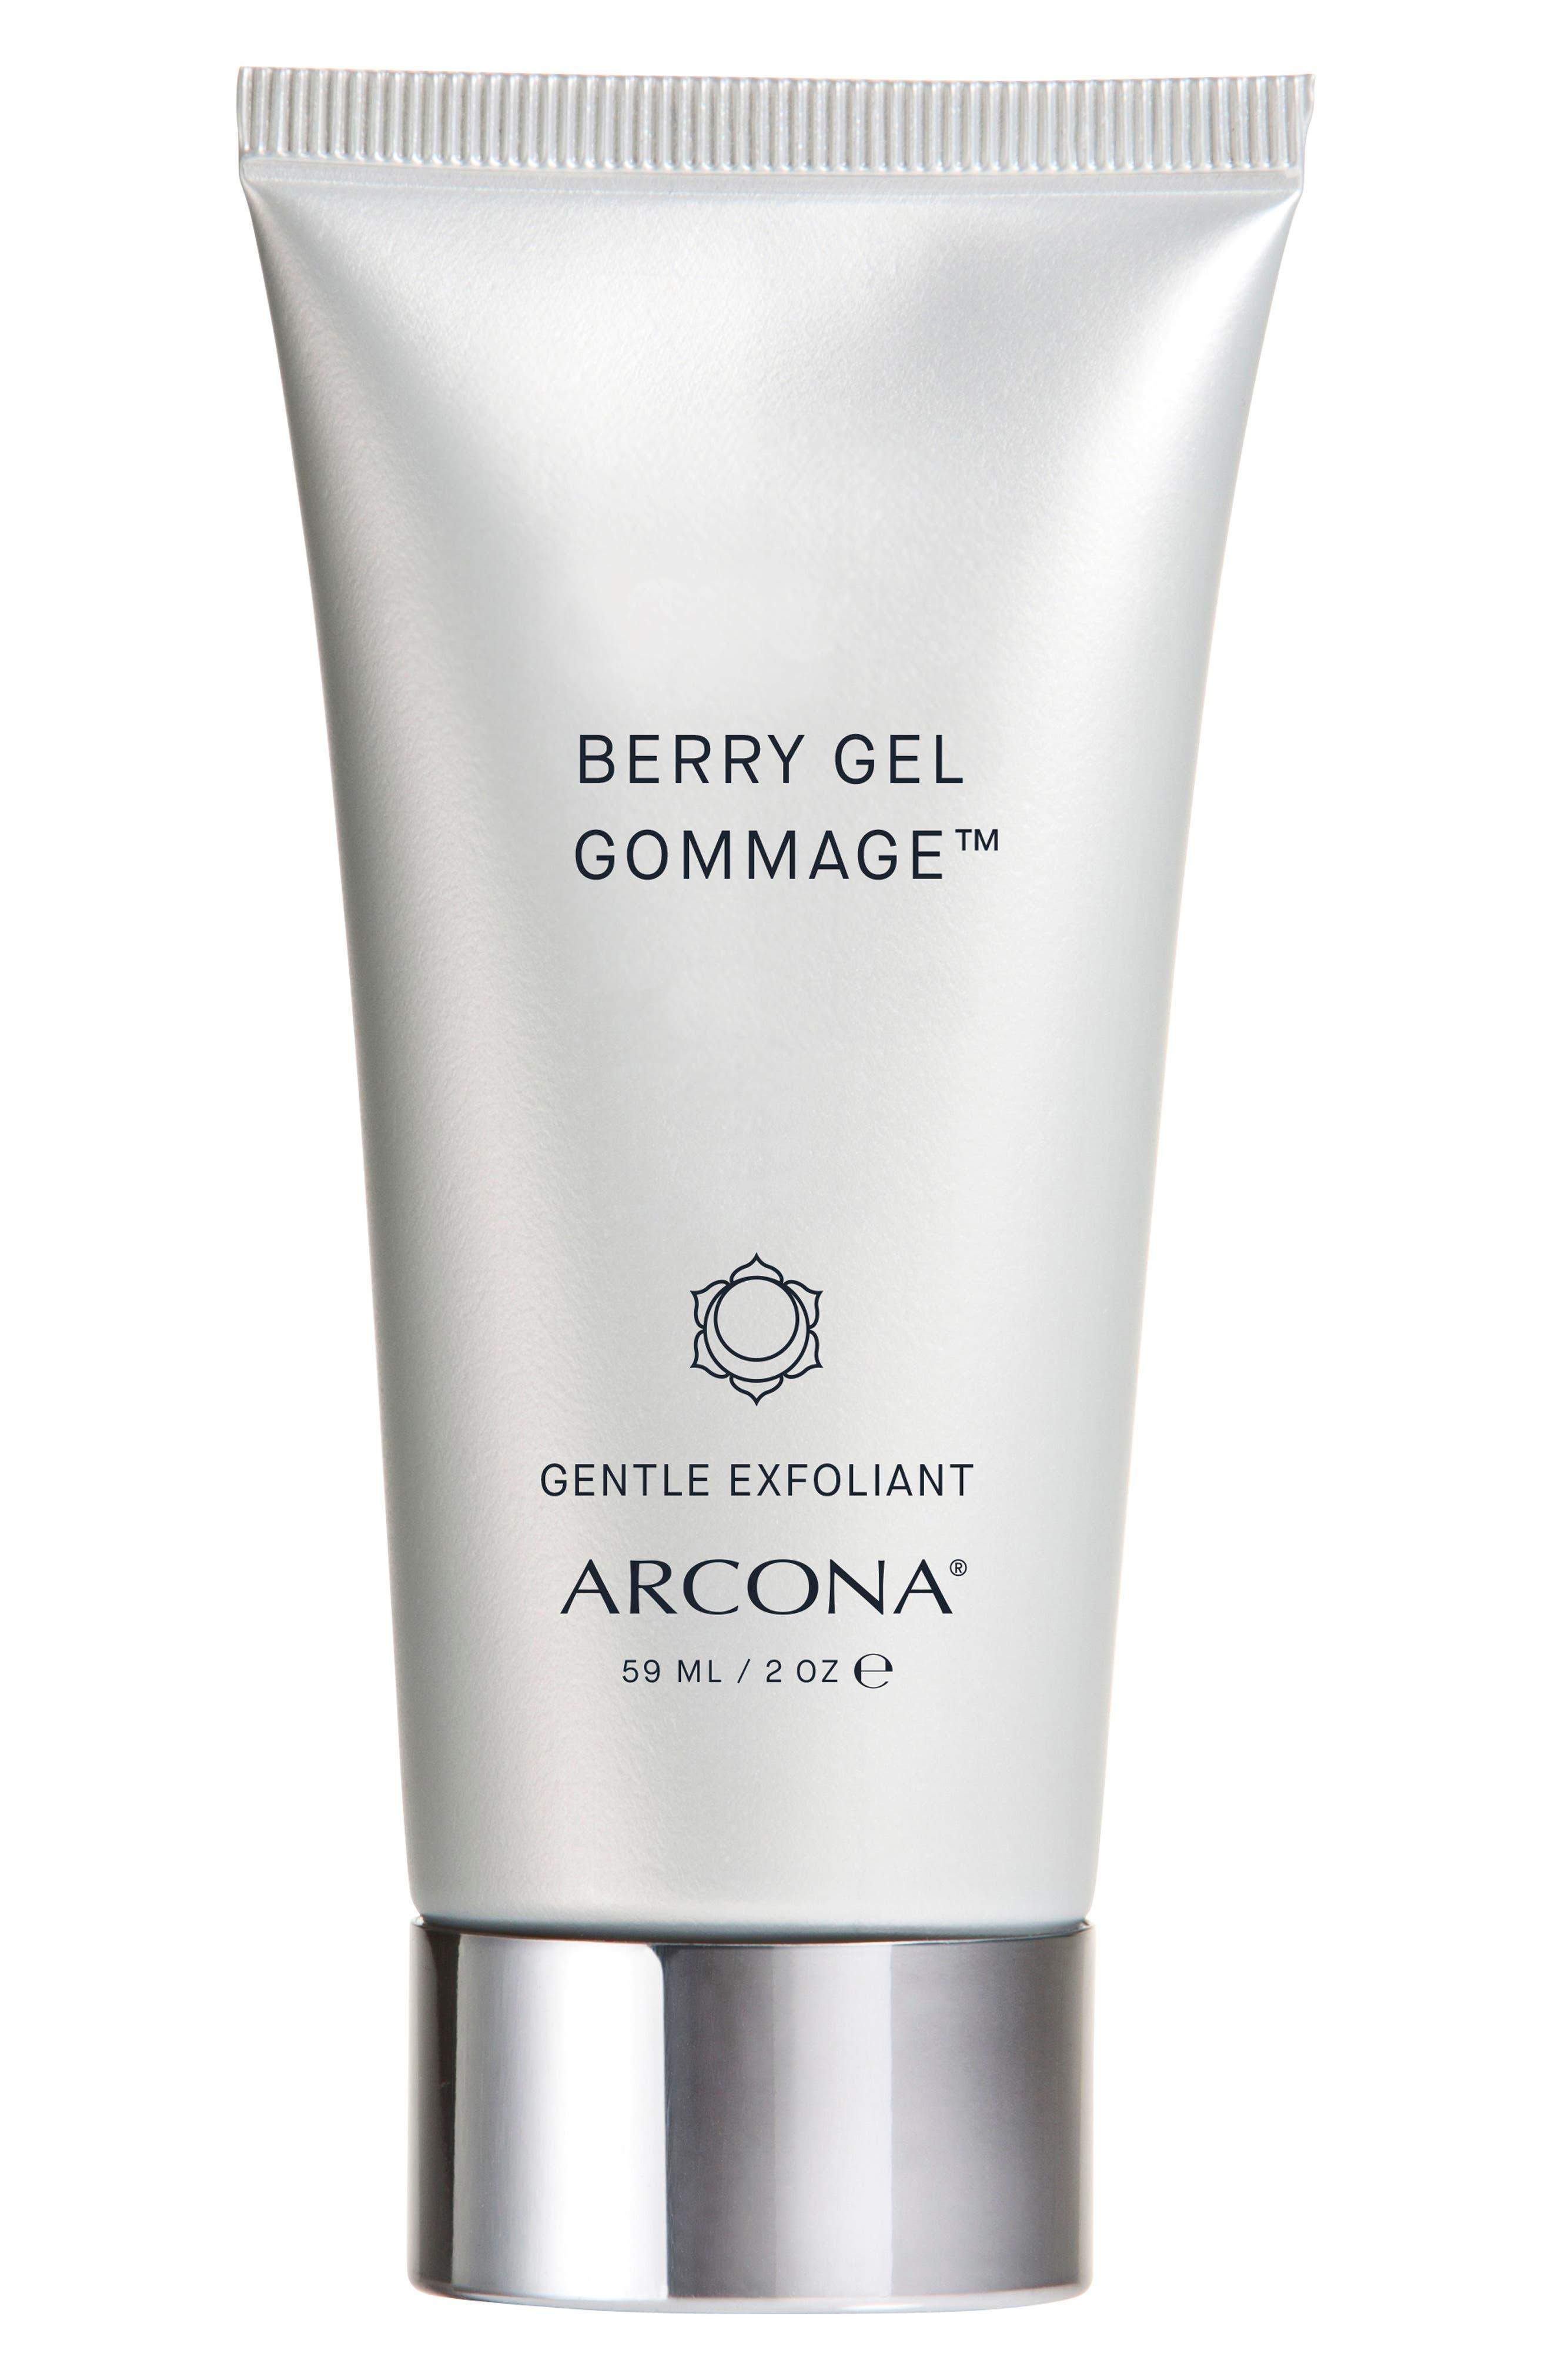 Berry Gel Gommage Gentle Exfoliant